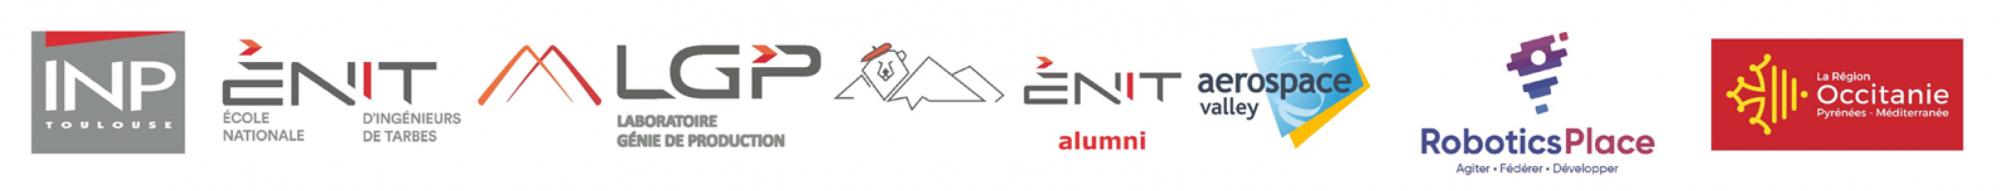 PARTENAIRES DU SHIFT : INP, ENIT, LGP, Aerospace valley, Robotics Place, Région Occitanie